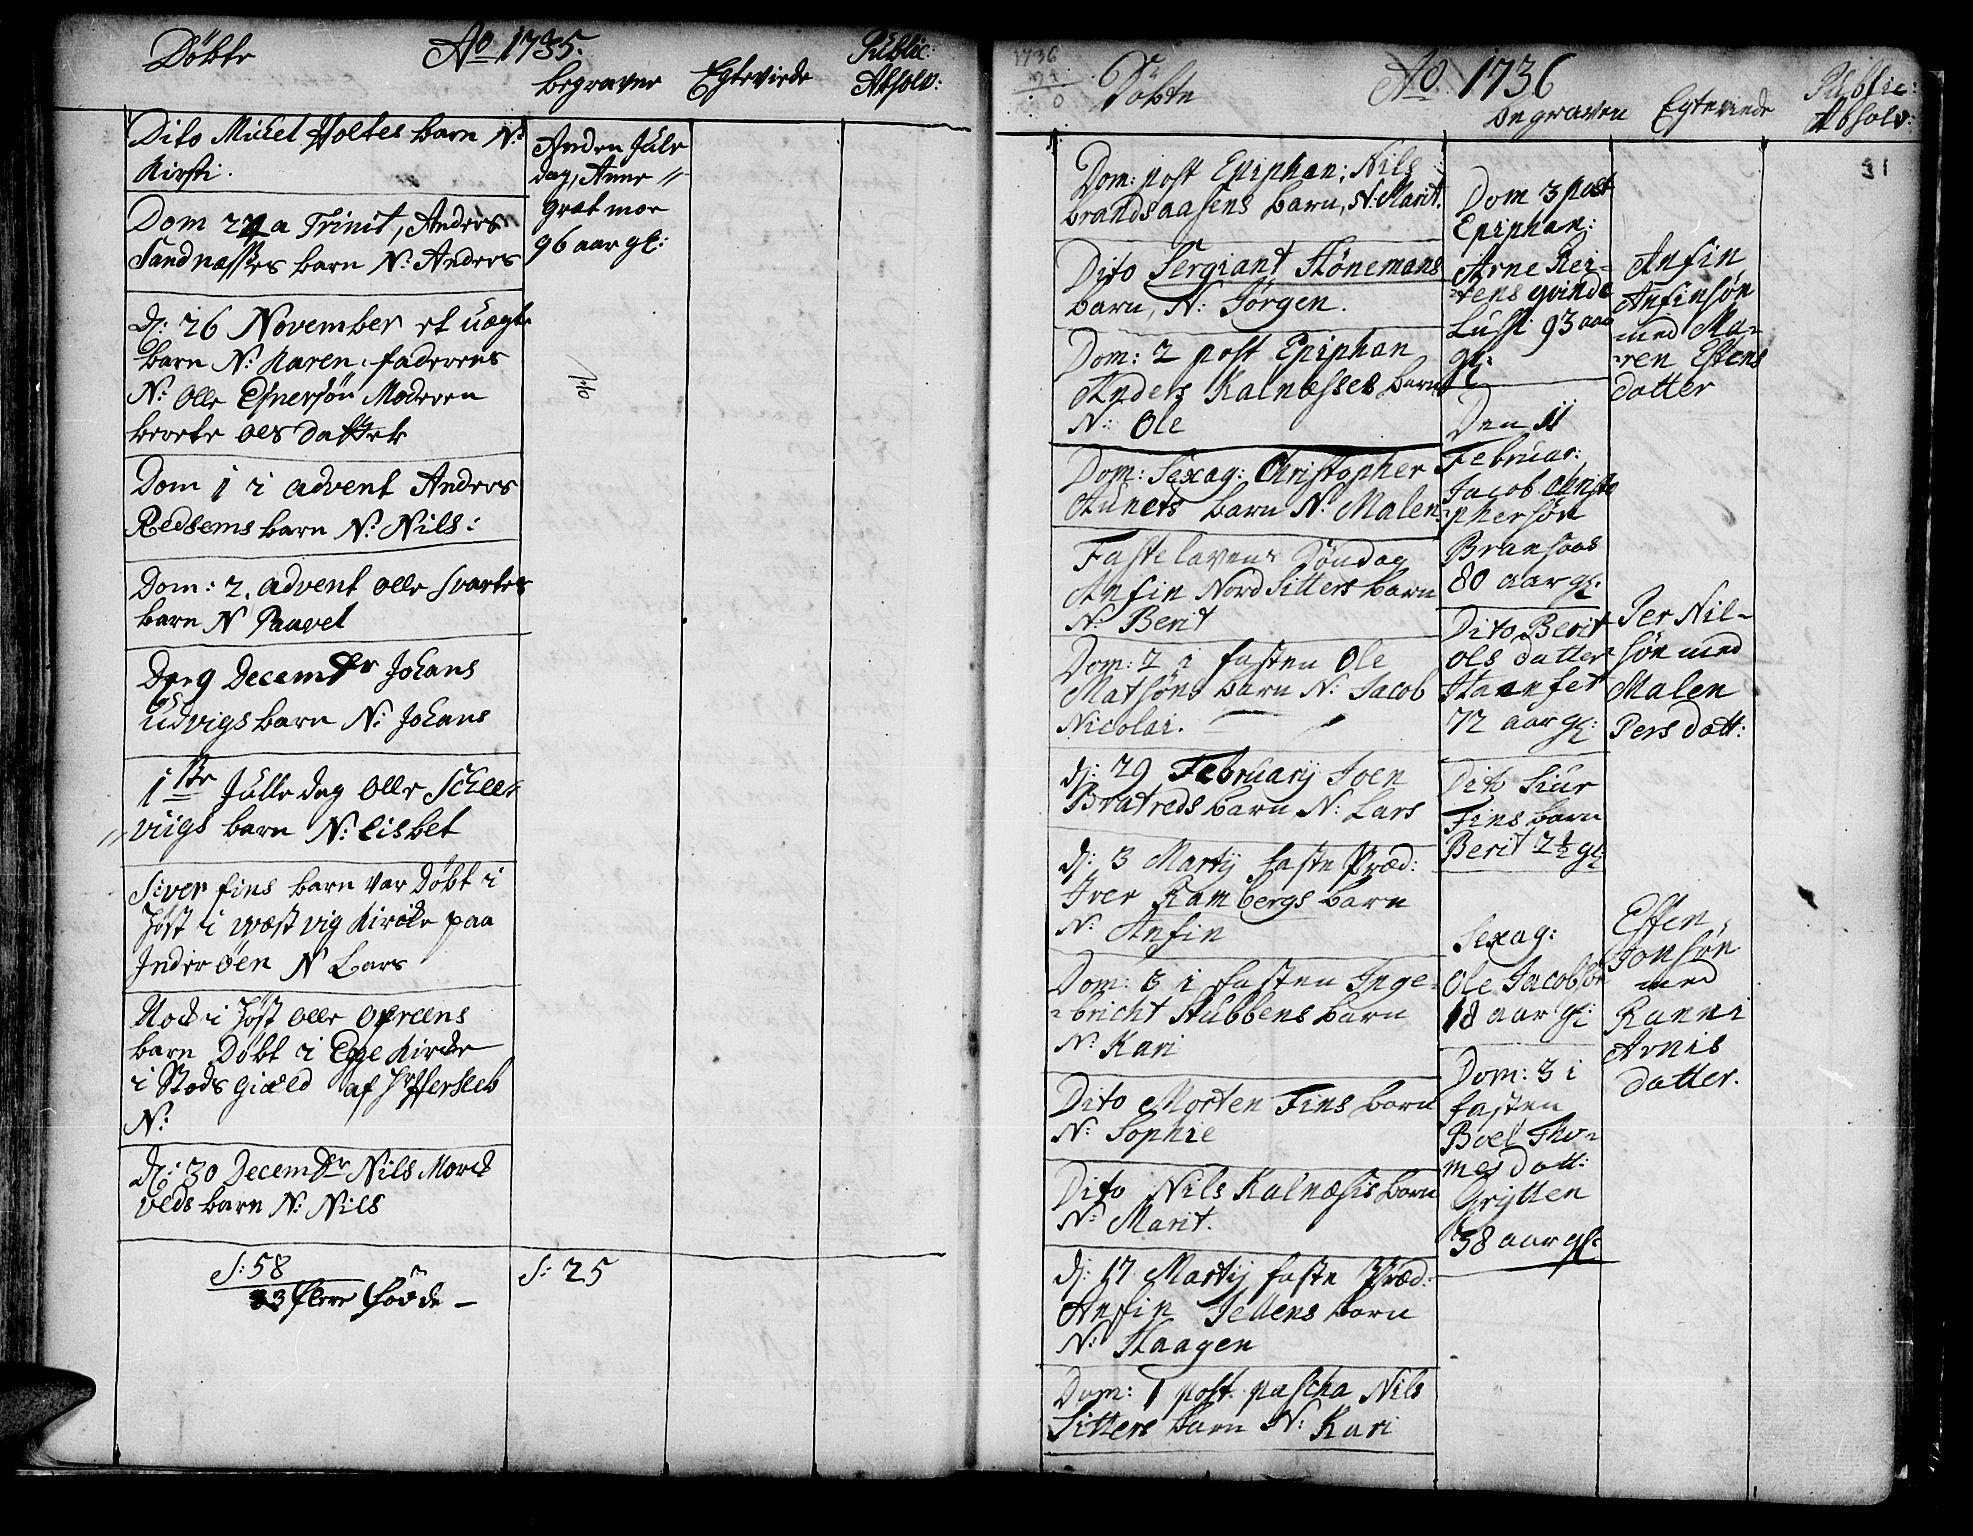 SAT, Ministerialprotokoller, klokkerbøker og fødselsregistre - Nord-Trøndelag, 741/L0385: Ministerialbok nr. 741A01, 1722-1815, s. 31